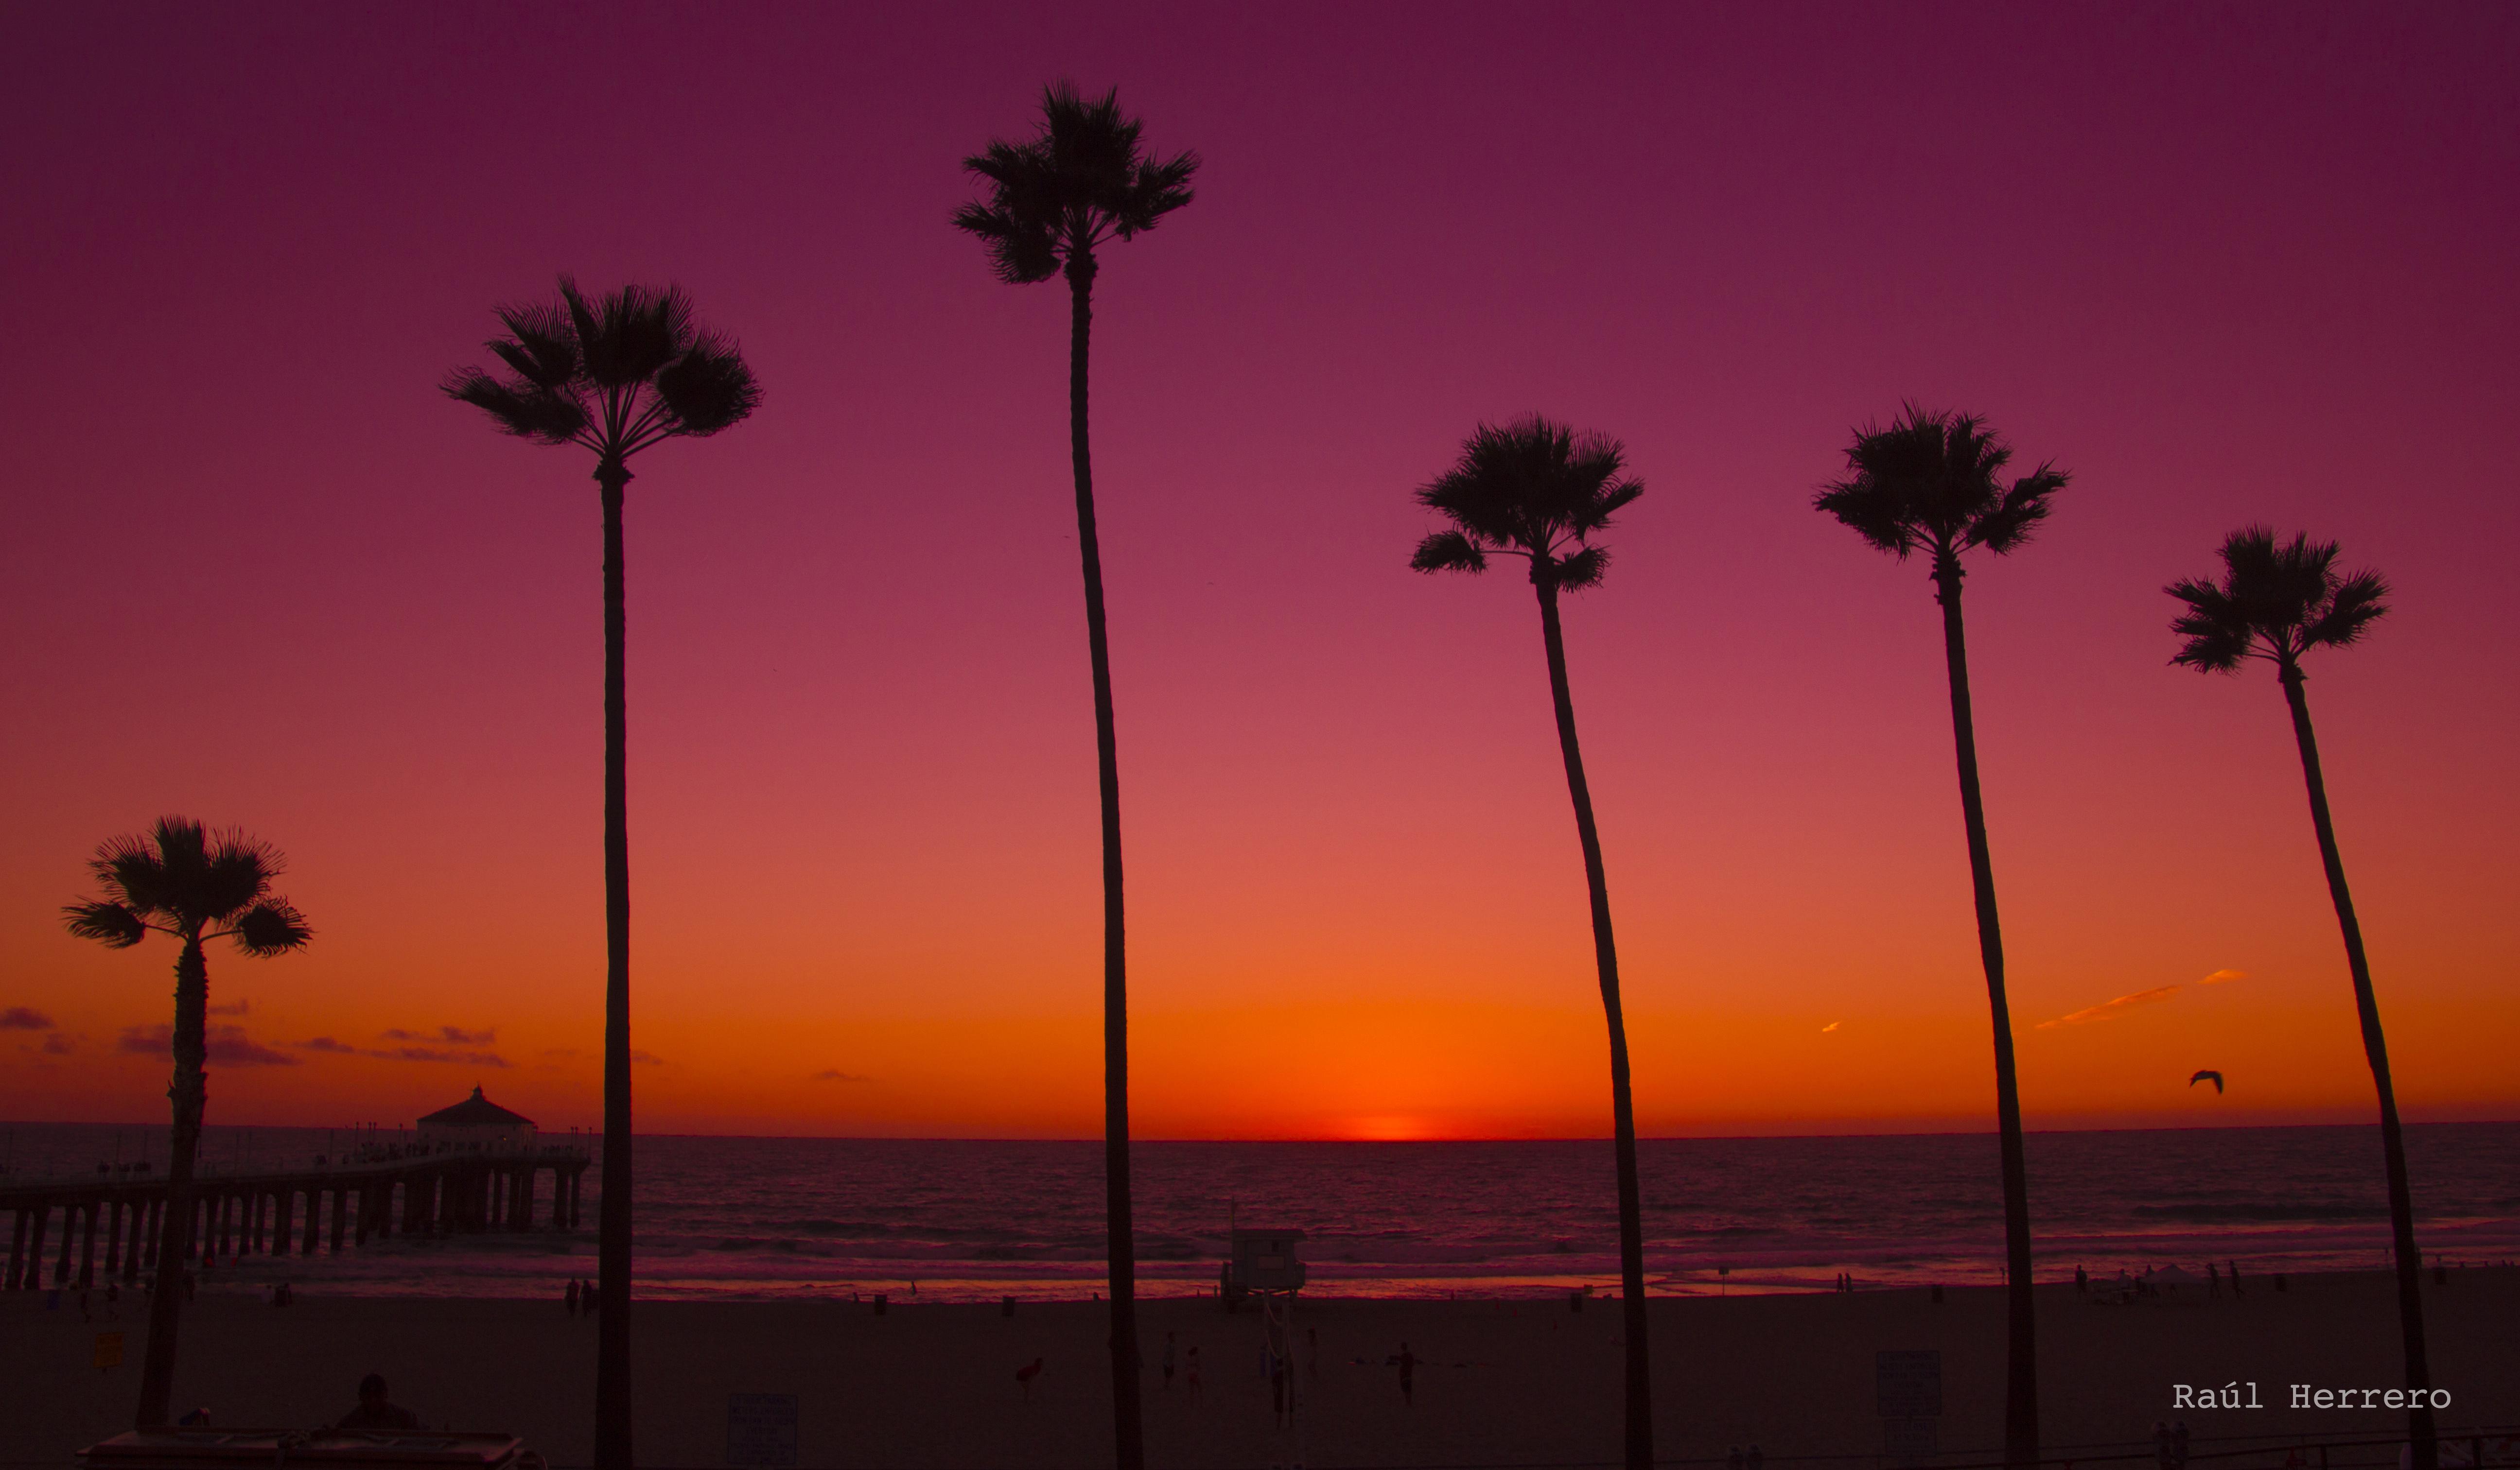 デスクトップ壁紙 日没 日の出 落ち着いた イブニング 太陽